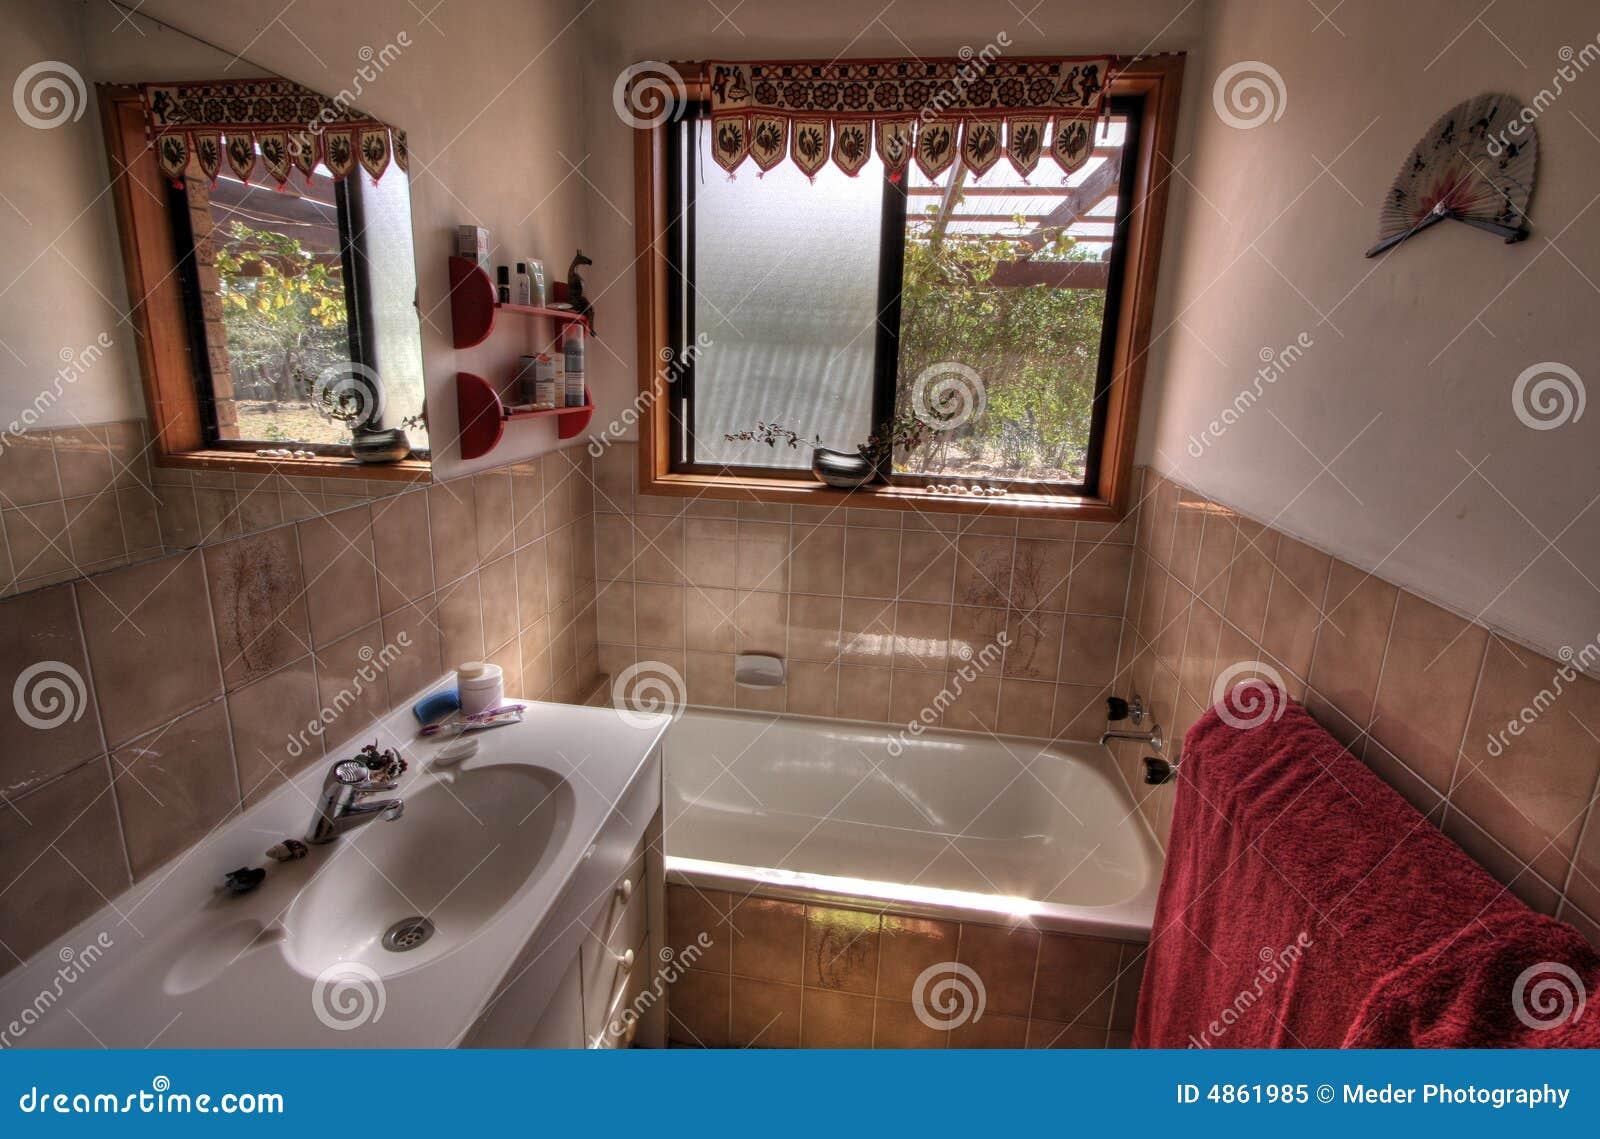 Kleine moderne badkamers stock afbeelding afbeelding bestaande uit woning 4861985 - Foto kleine moderne badkamer ...